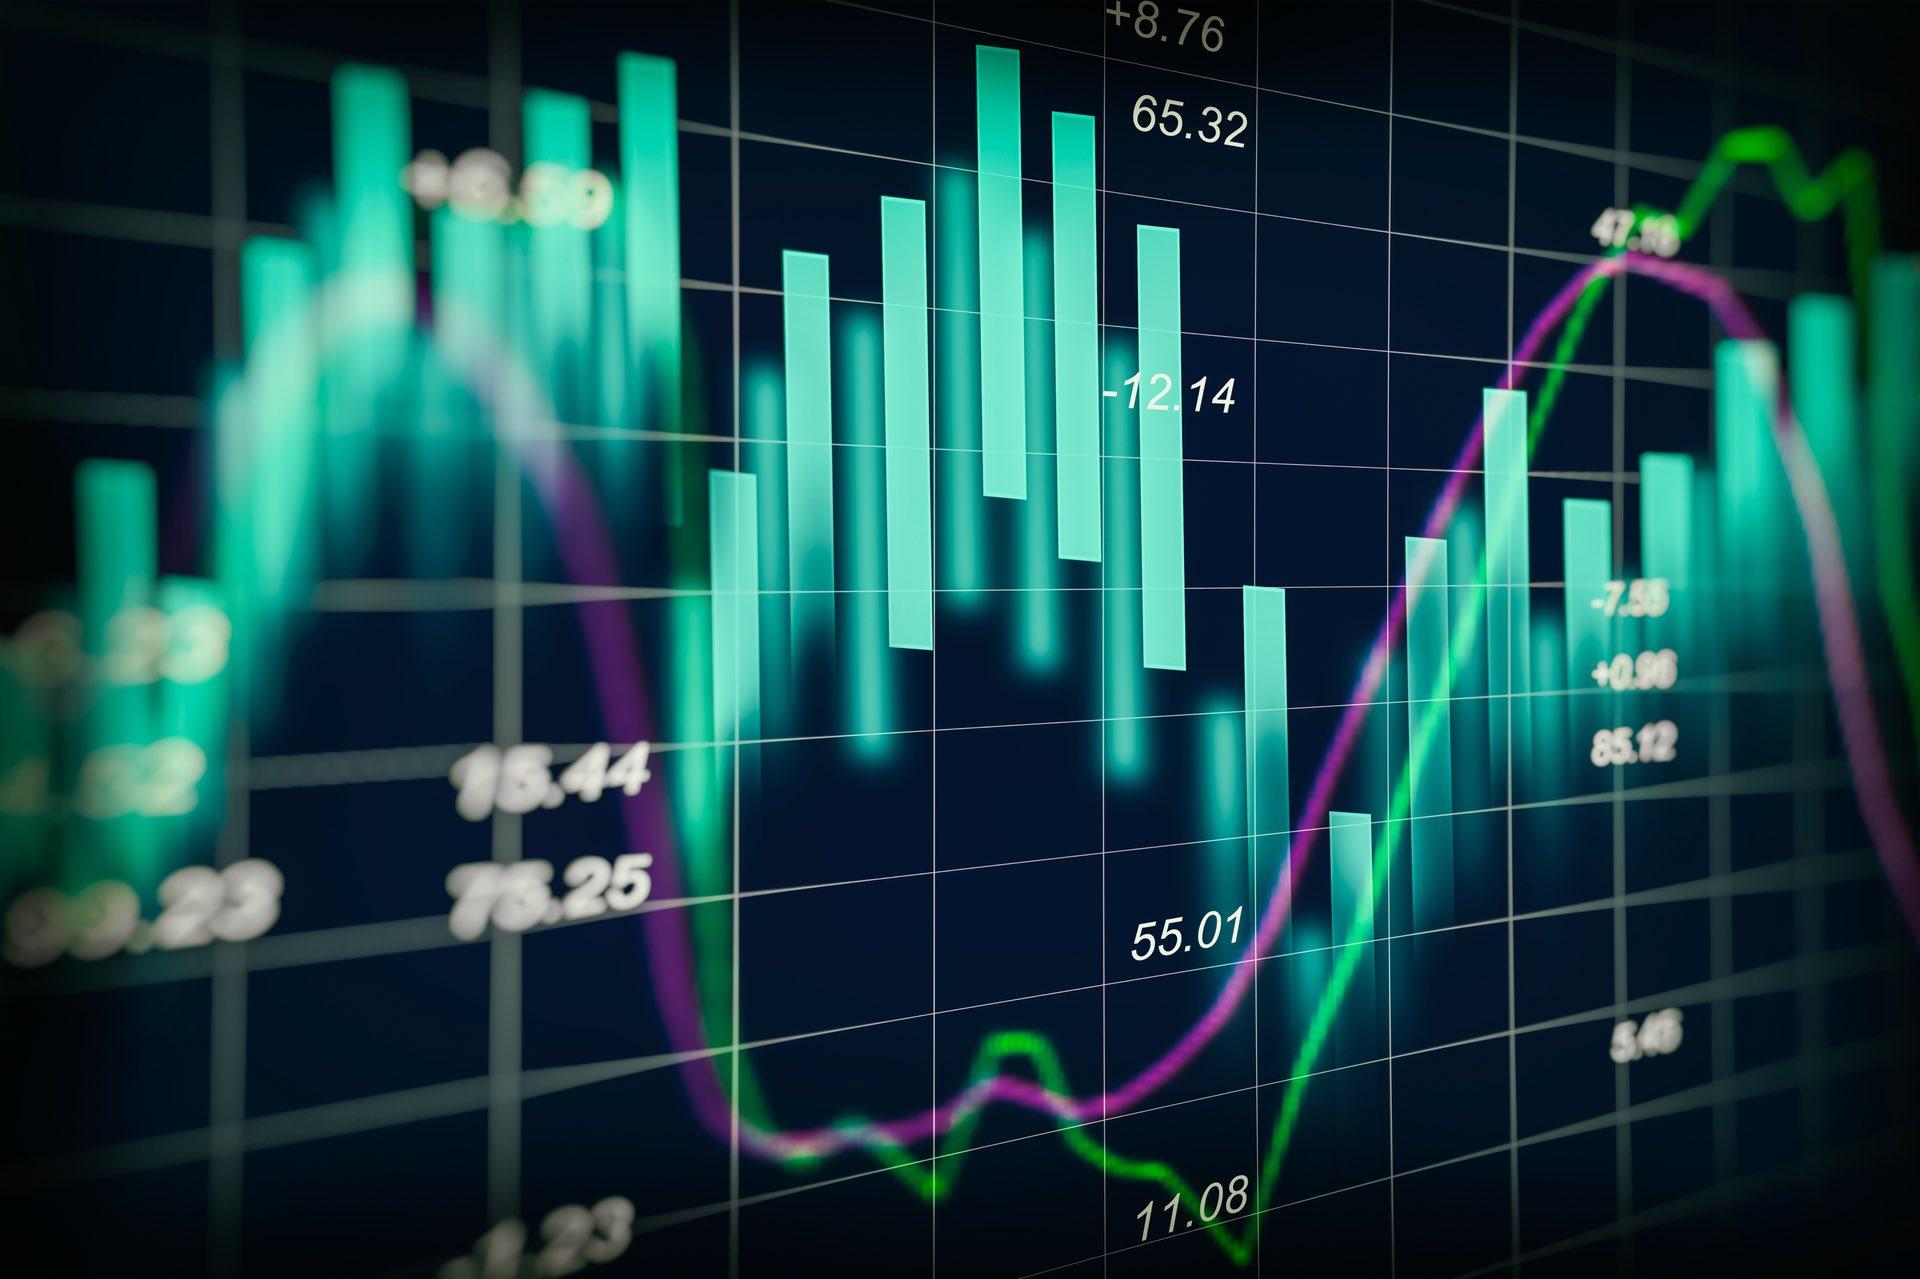 ¿Qué son los fondos indexados? Sus beneficios y desventajas 1